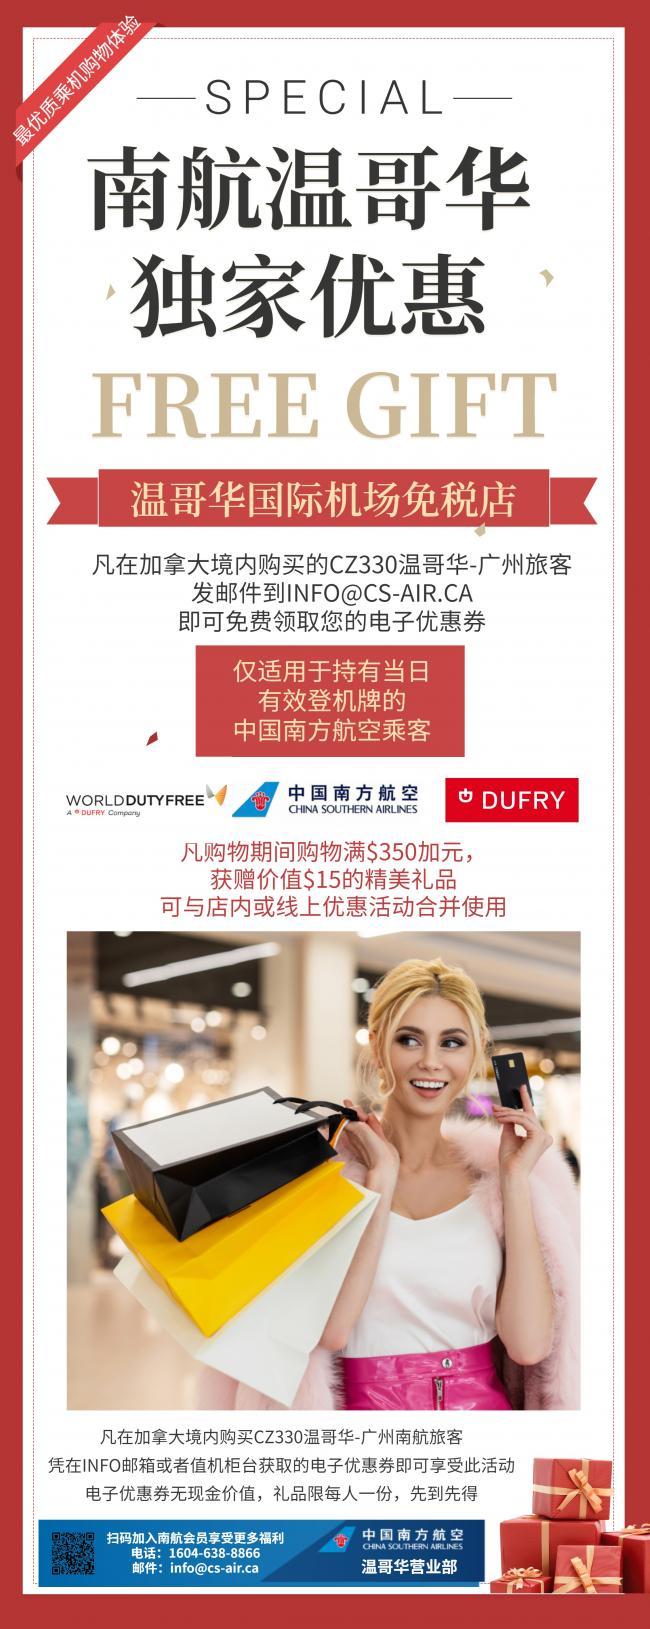 WeChat Image_20210504154558.jpg